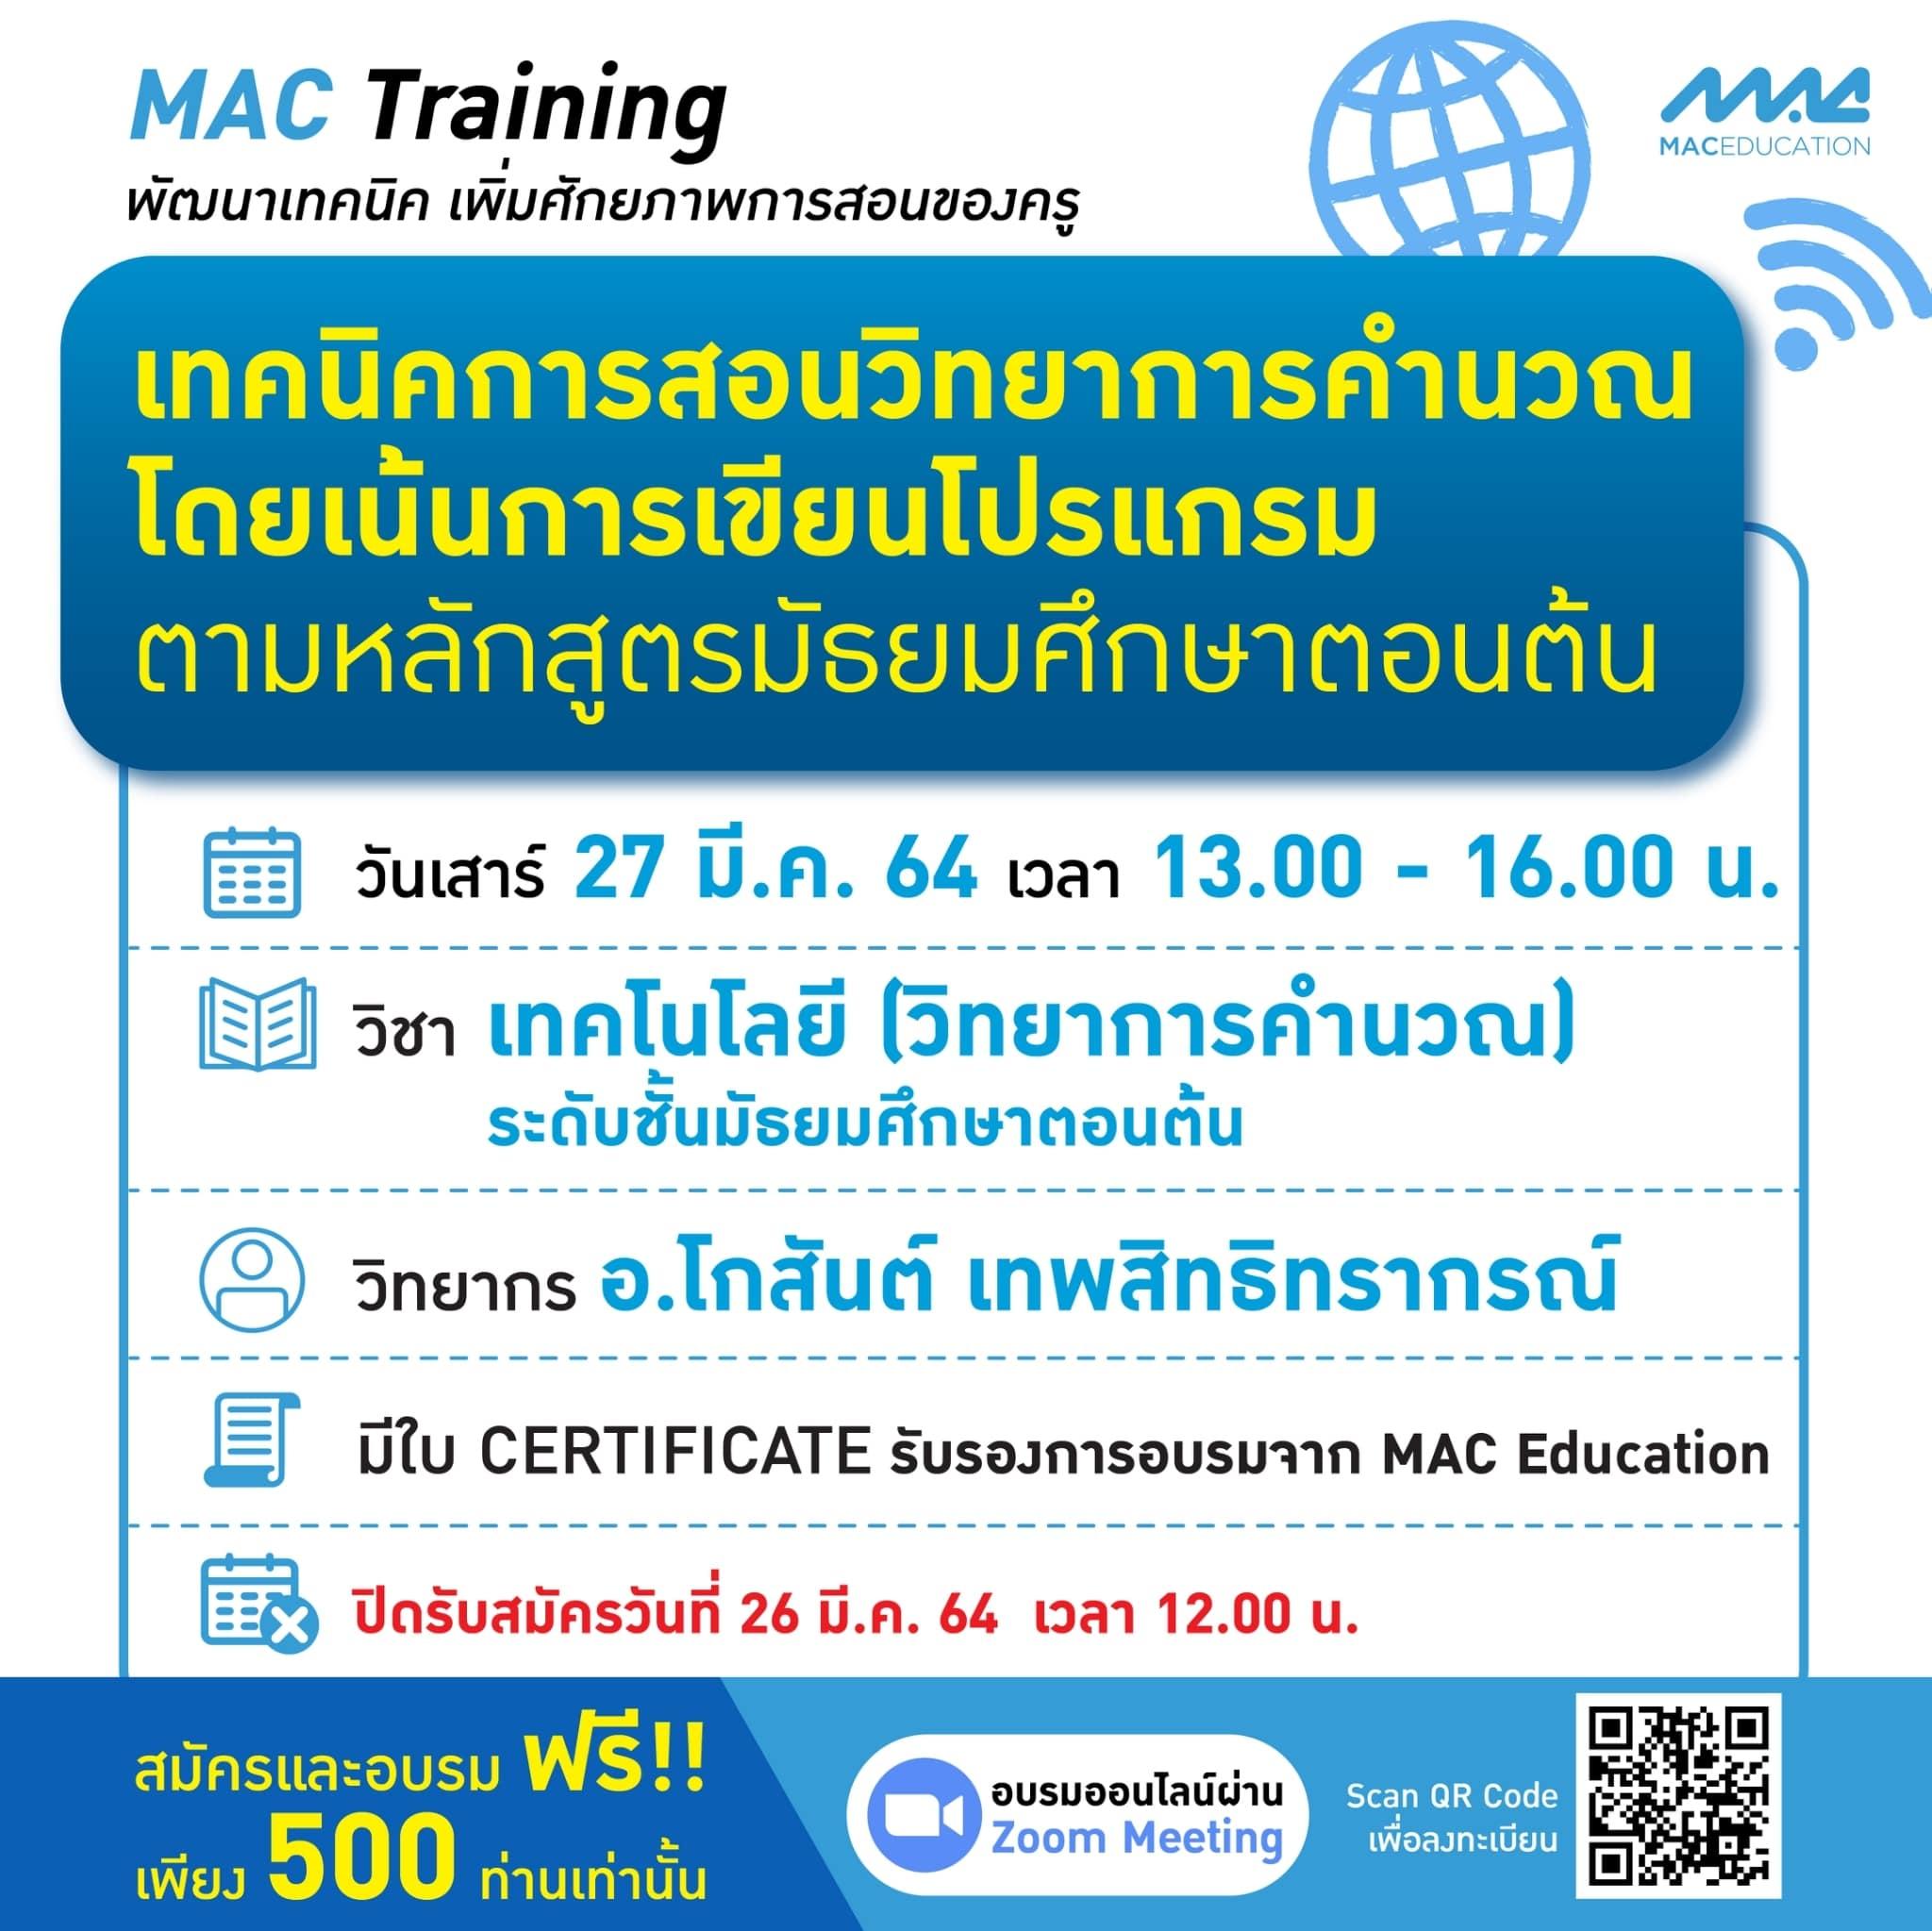 อบรมออนไลน์ หลักสูตร พัฒนาเทคนิคและเพิ่มศักยภาพการสอน อบรมฟรี ไม่มีค่าใช้จ่าย พร้อมรับใบประกาศ จาก MAC Education